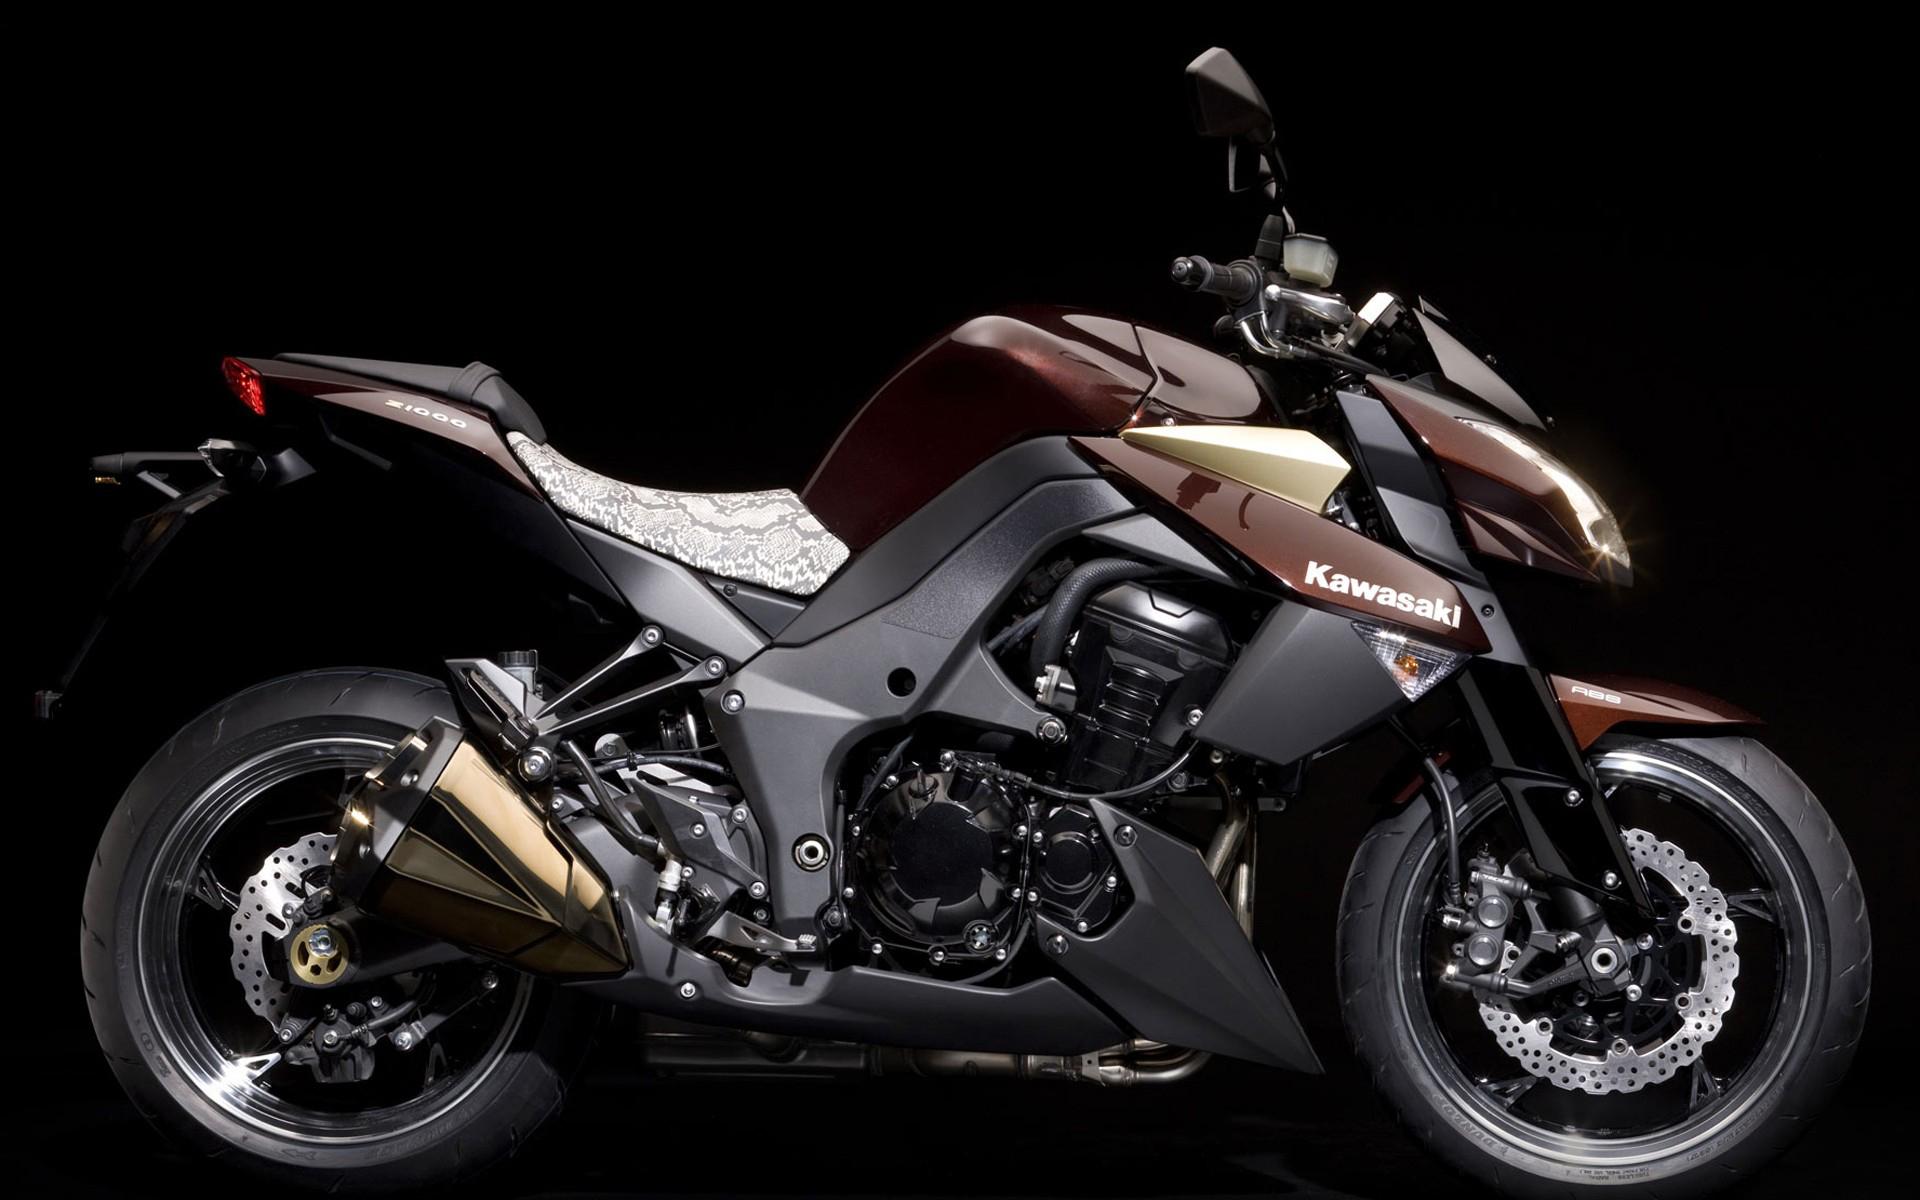 Kawasaki Z1000 Full HD Wallpaper And Background Image